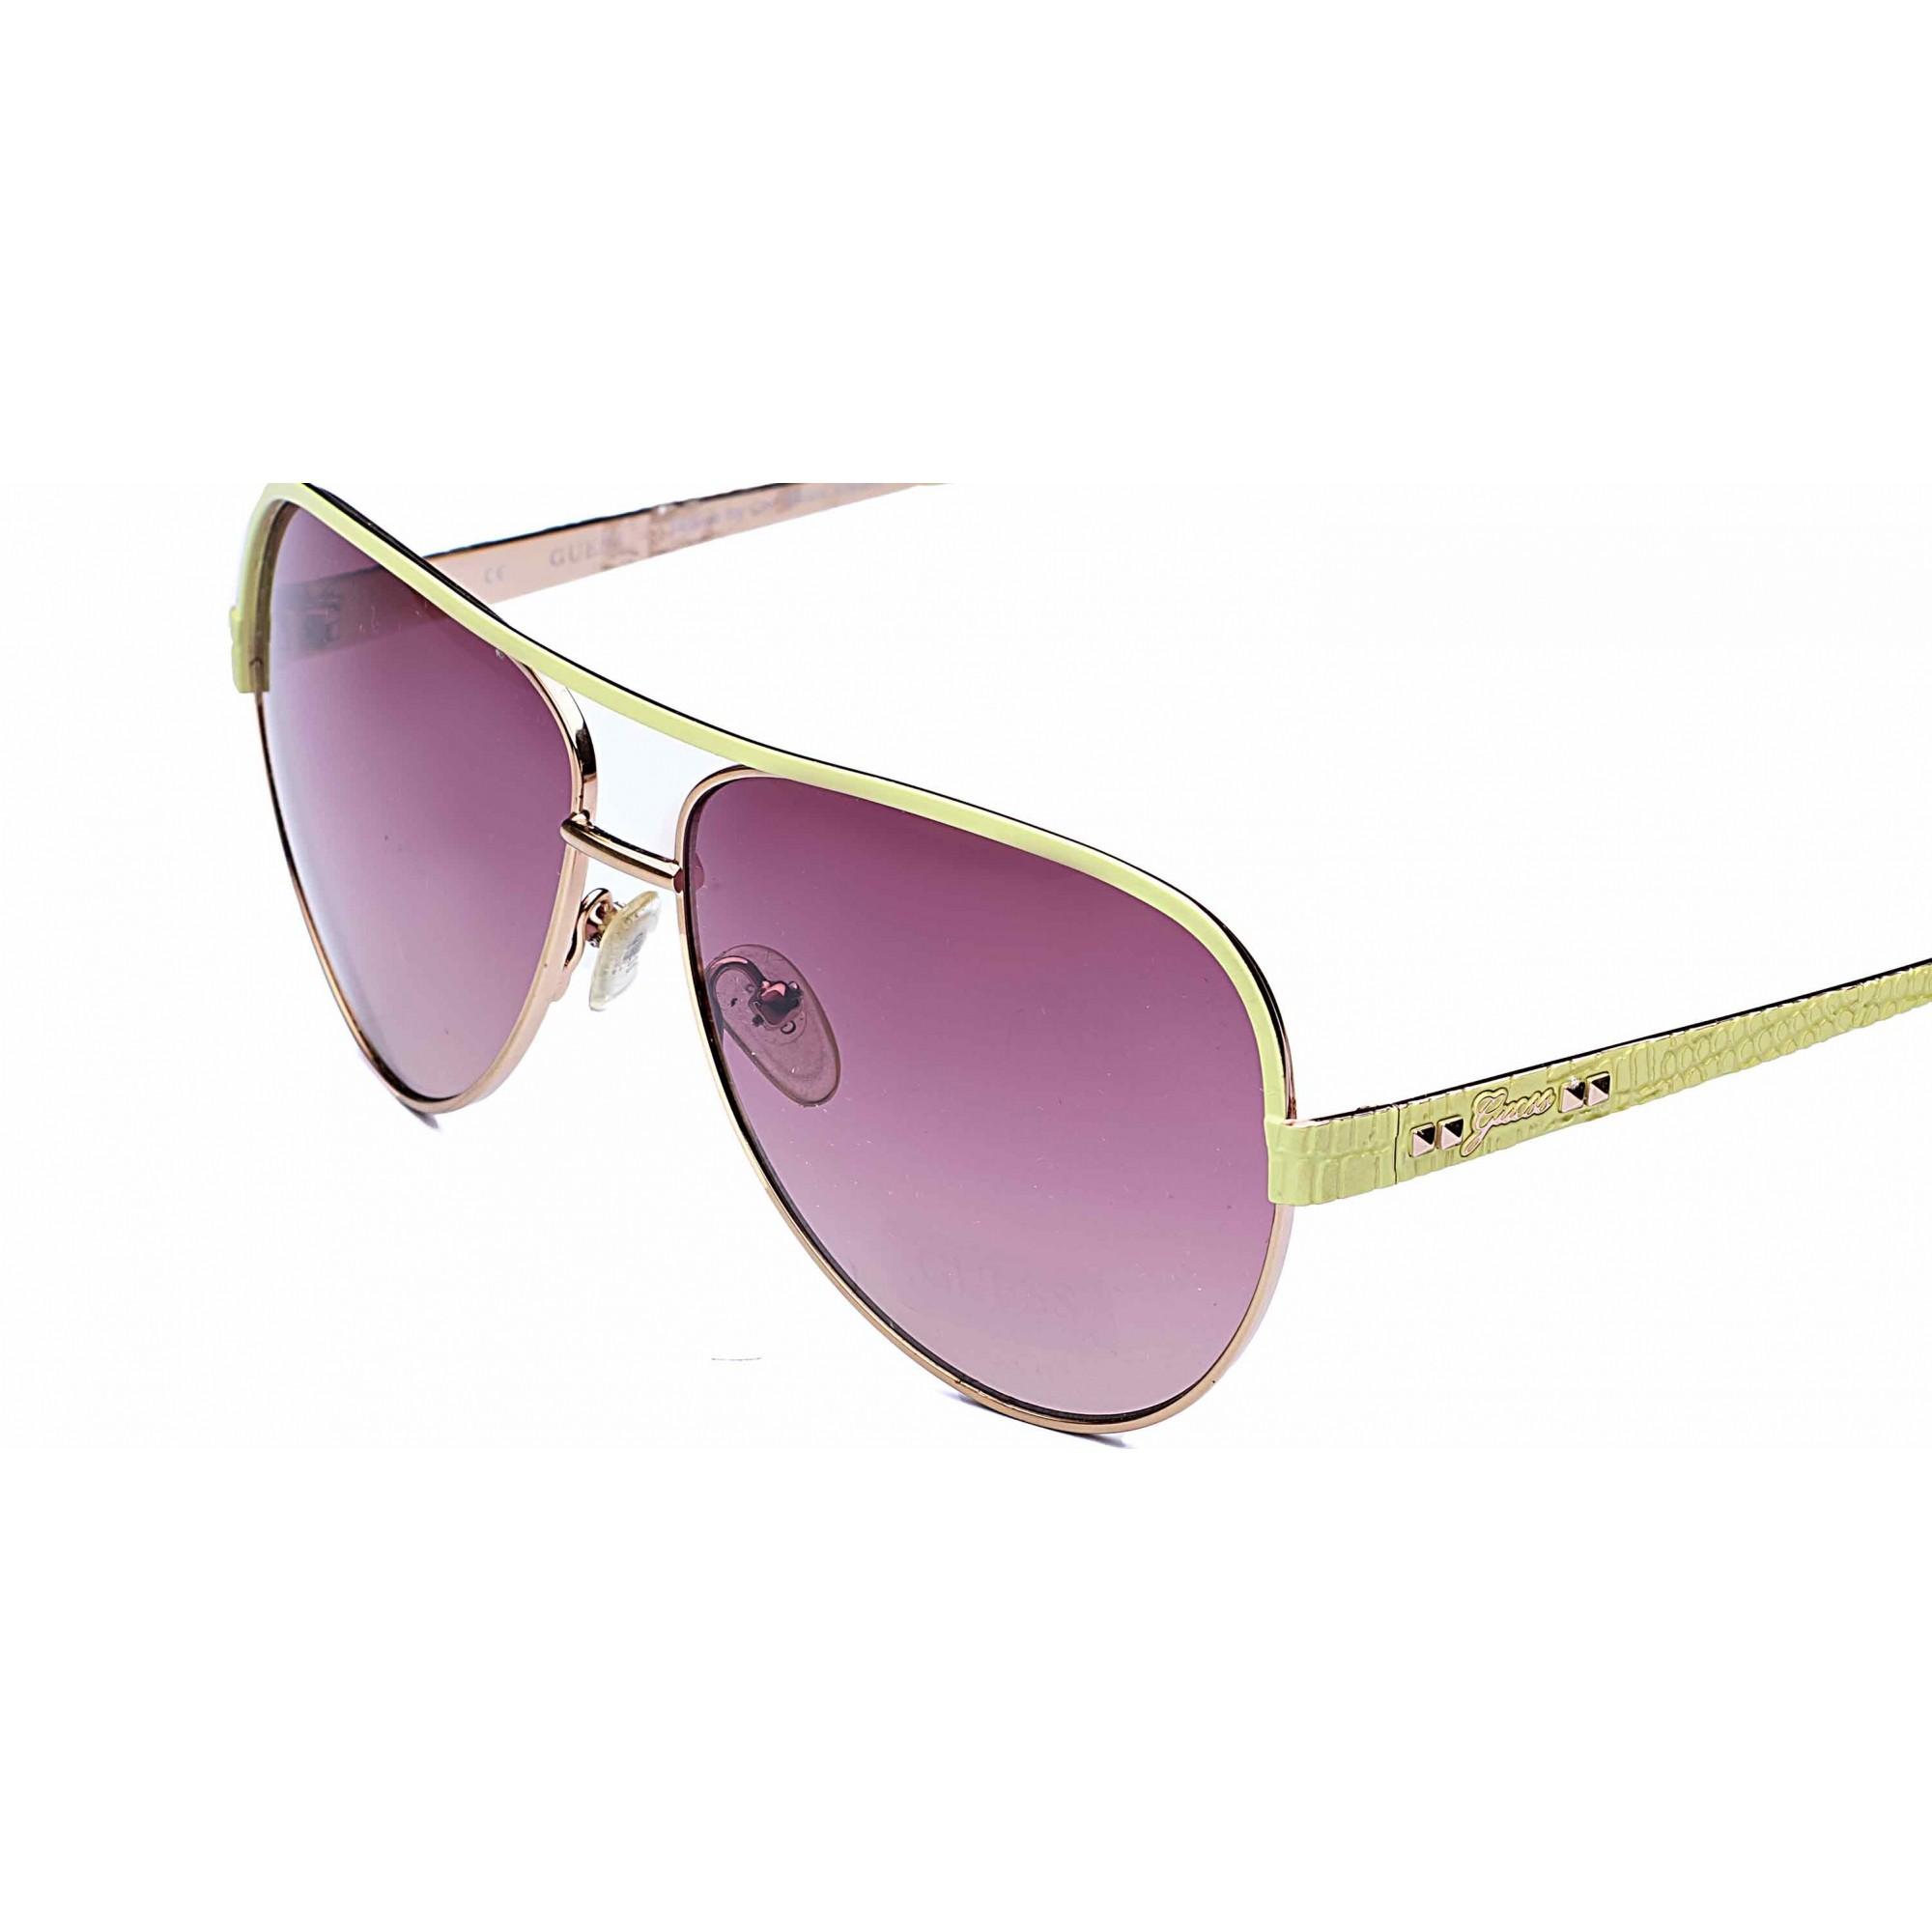 Óculos de Sol GU7231 Guess